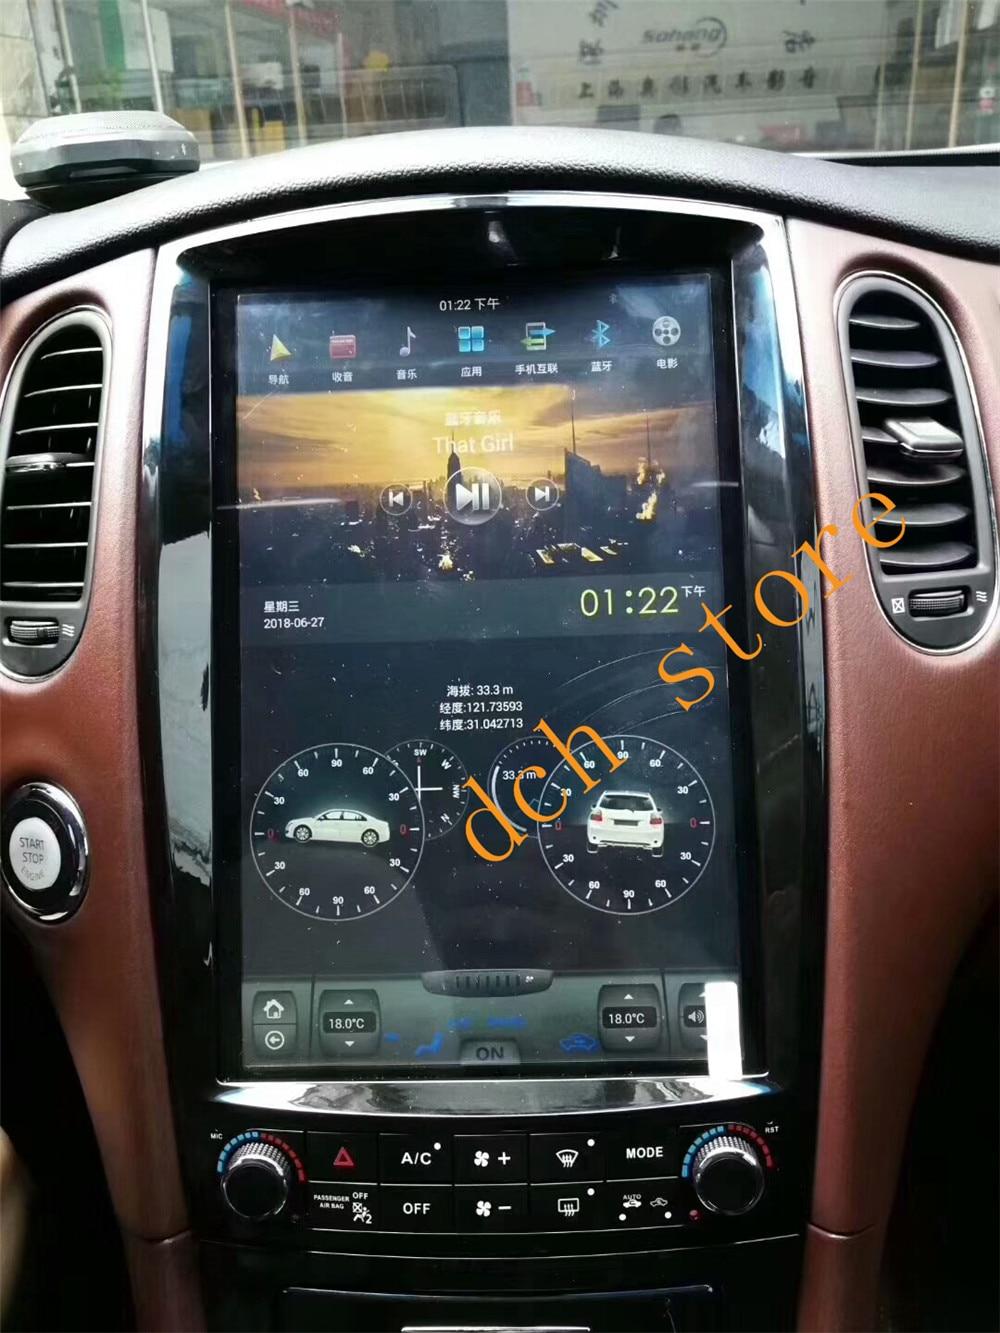 Autocardvdgps 6rf 035 187 e carplay android auto rcd330 rcd340 plus noname